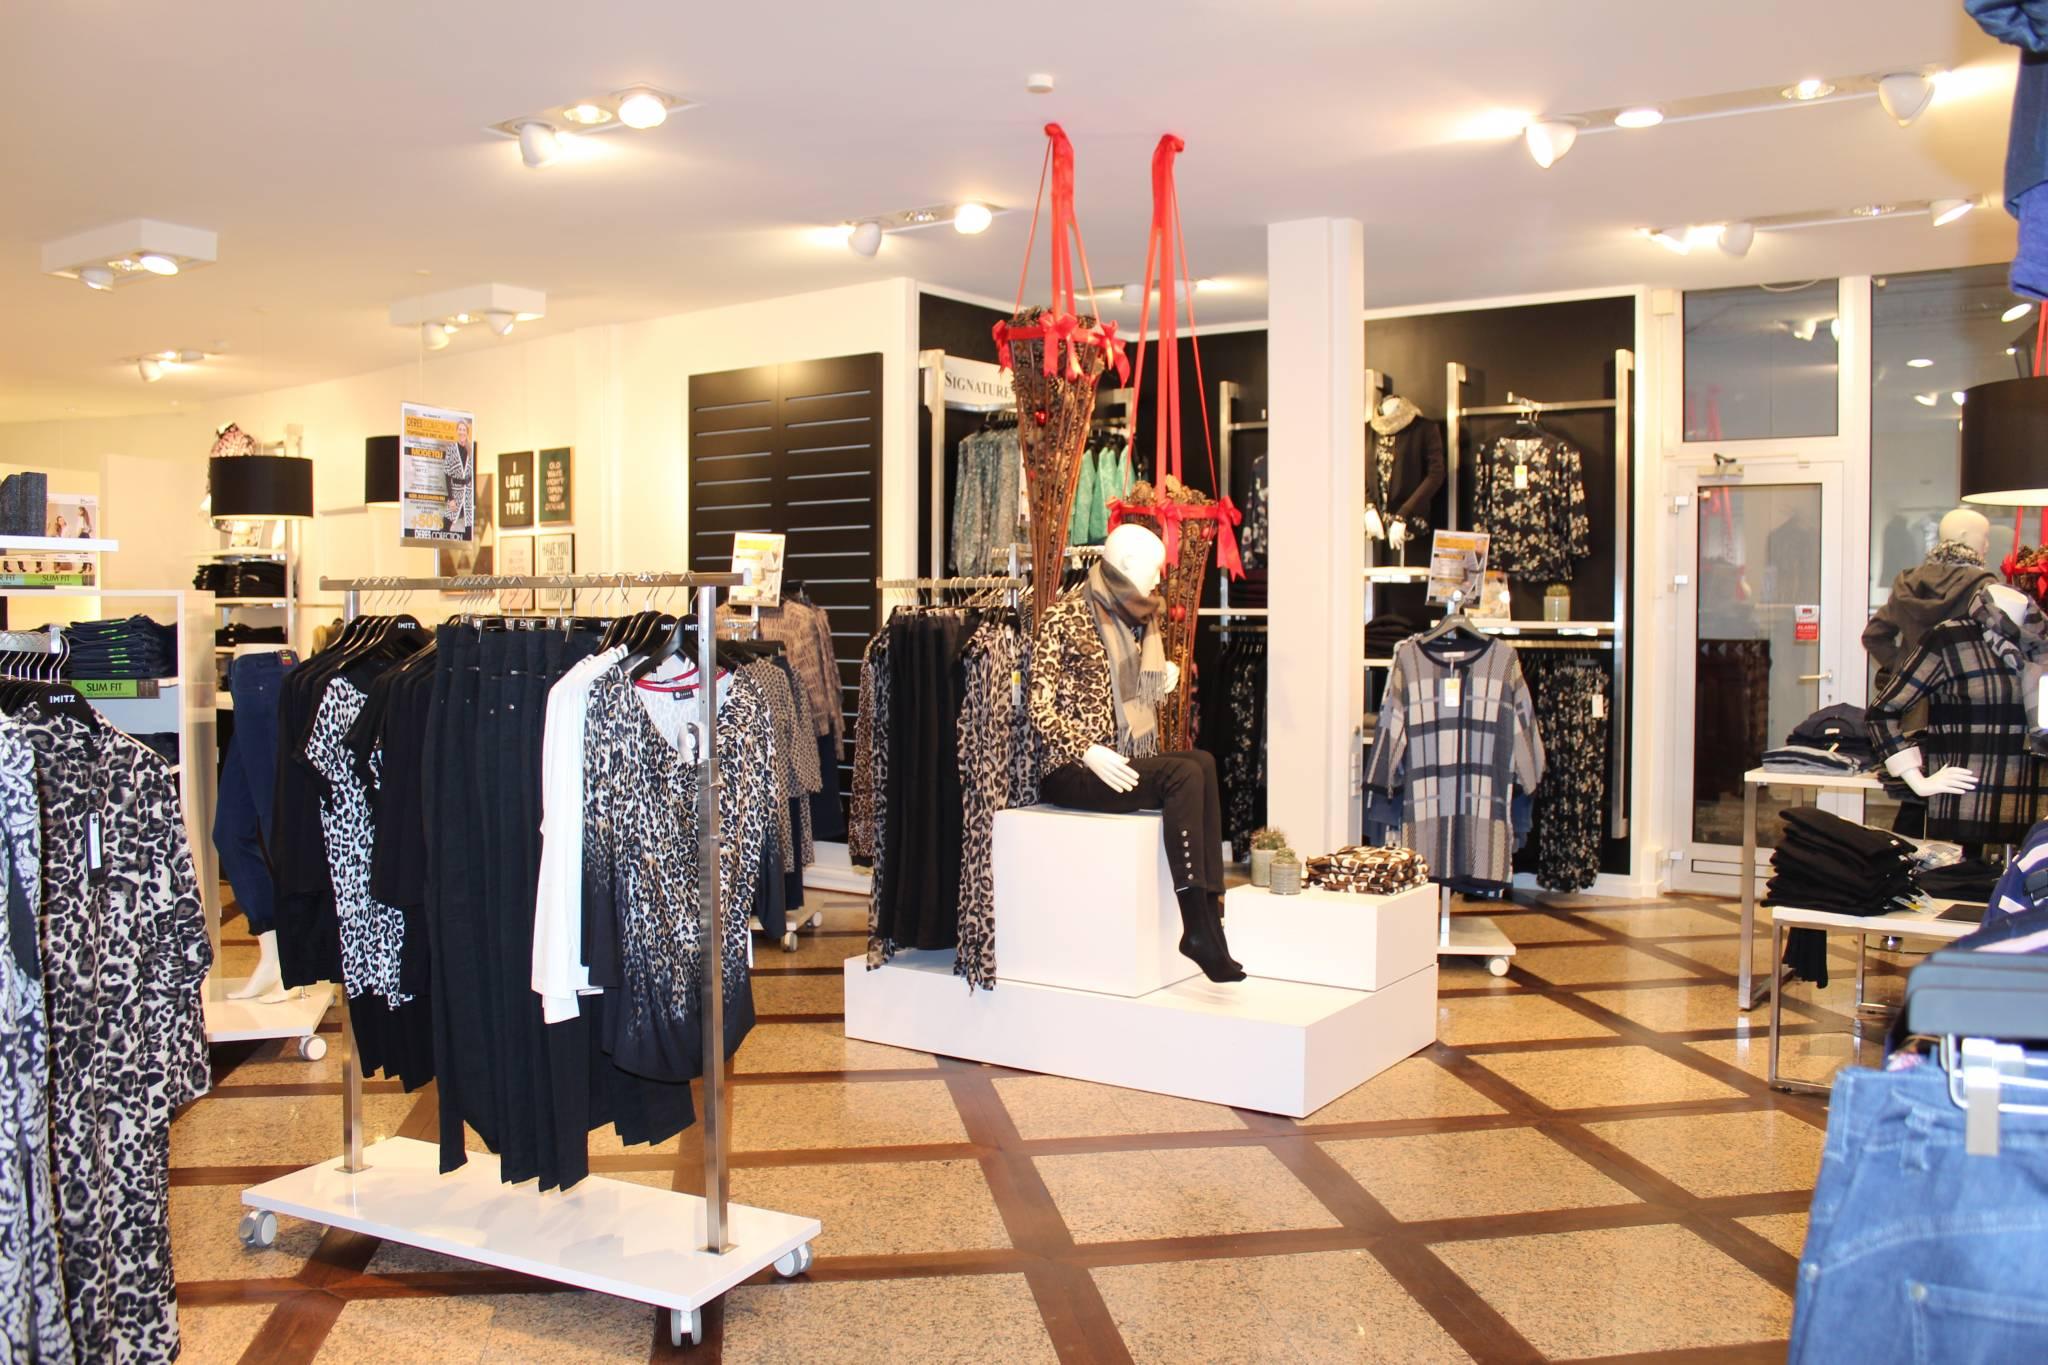 Indretning af butik hvor det ene fokus området er en salgsø